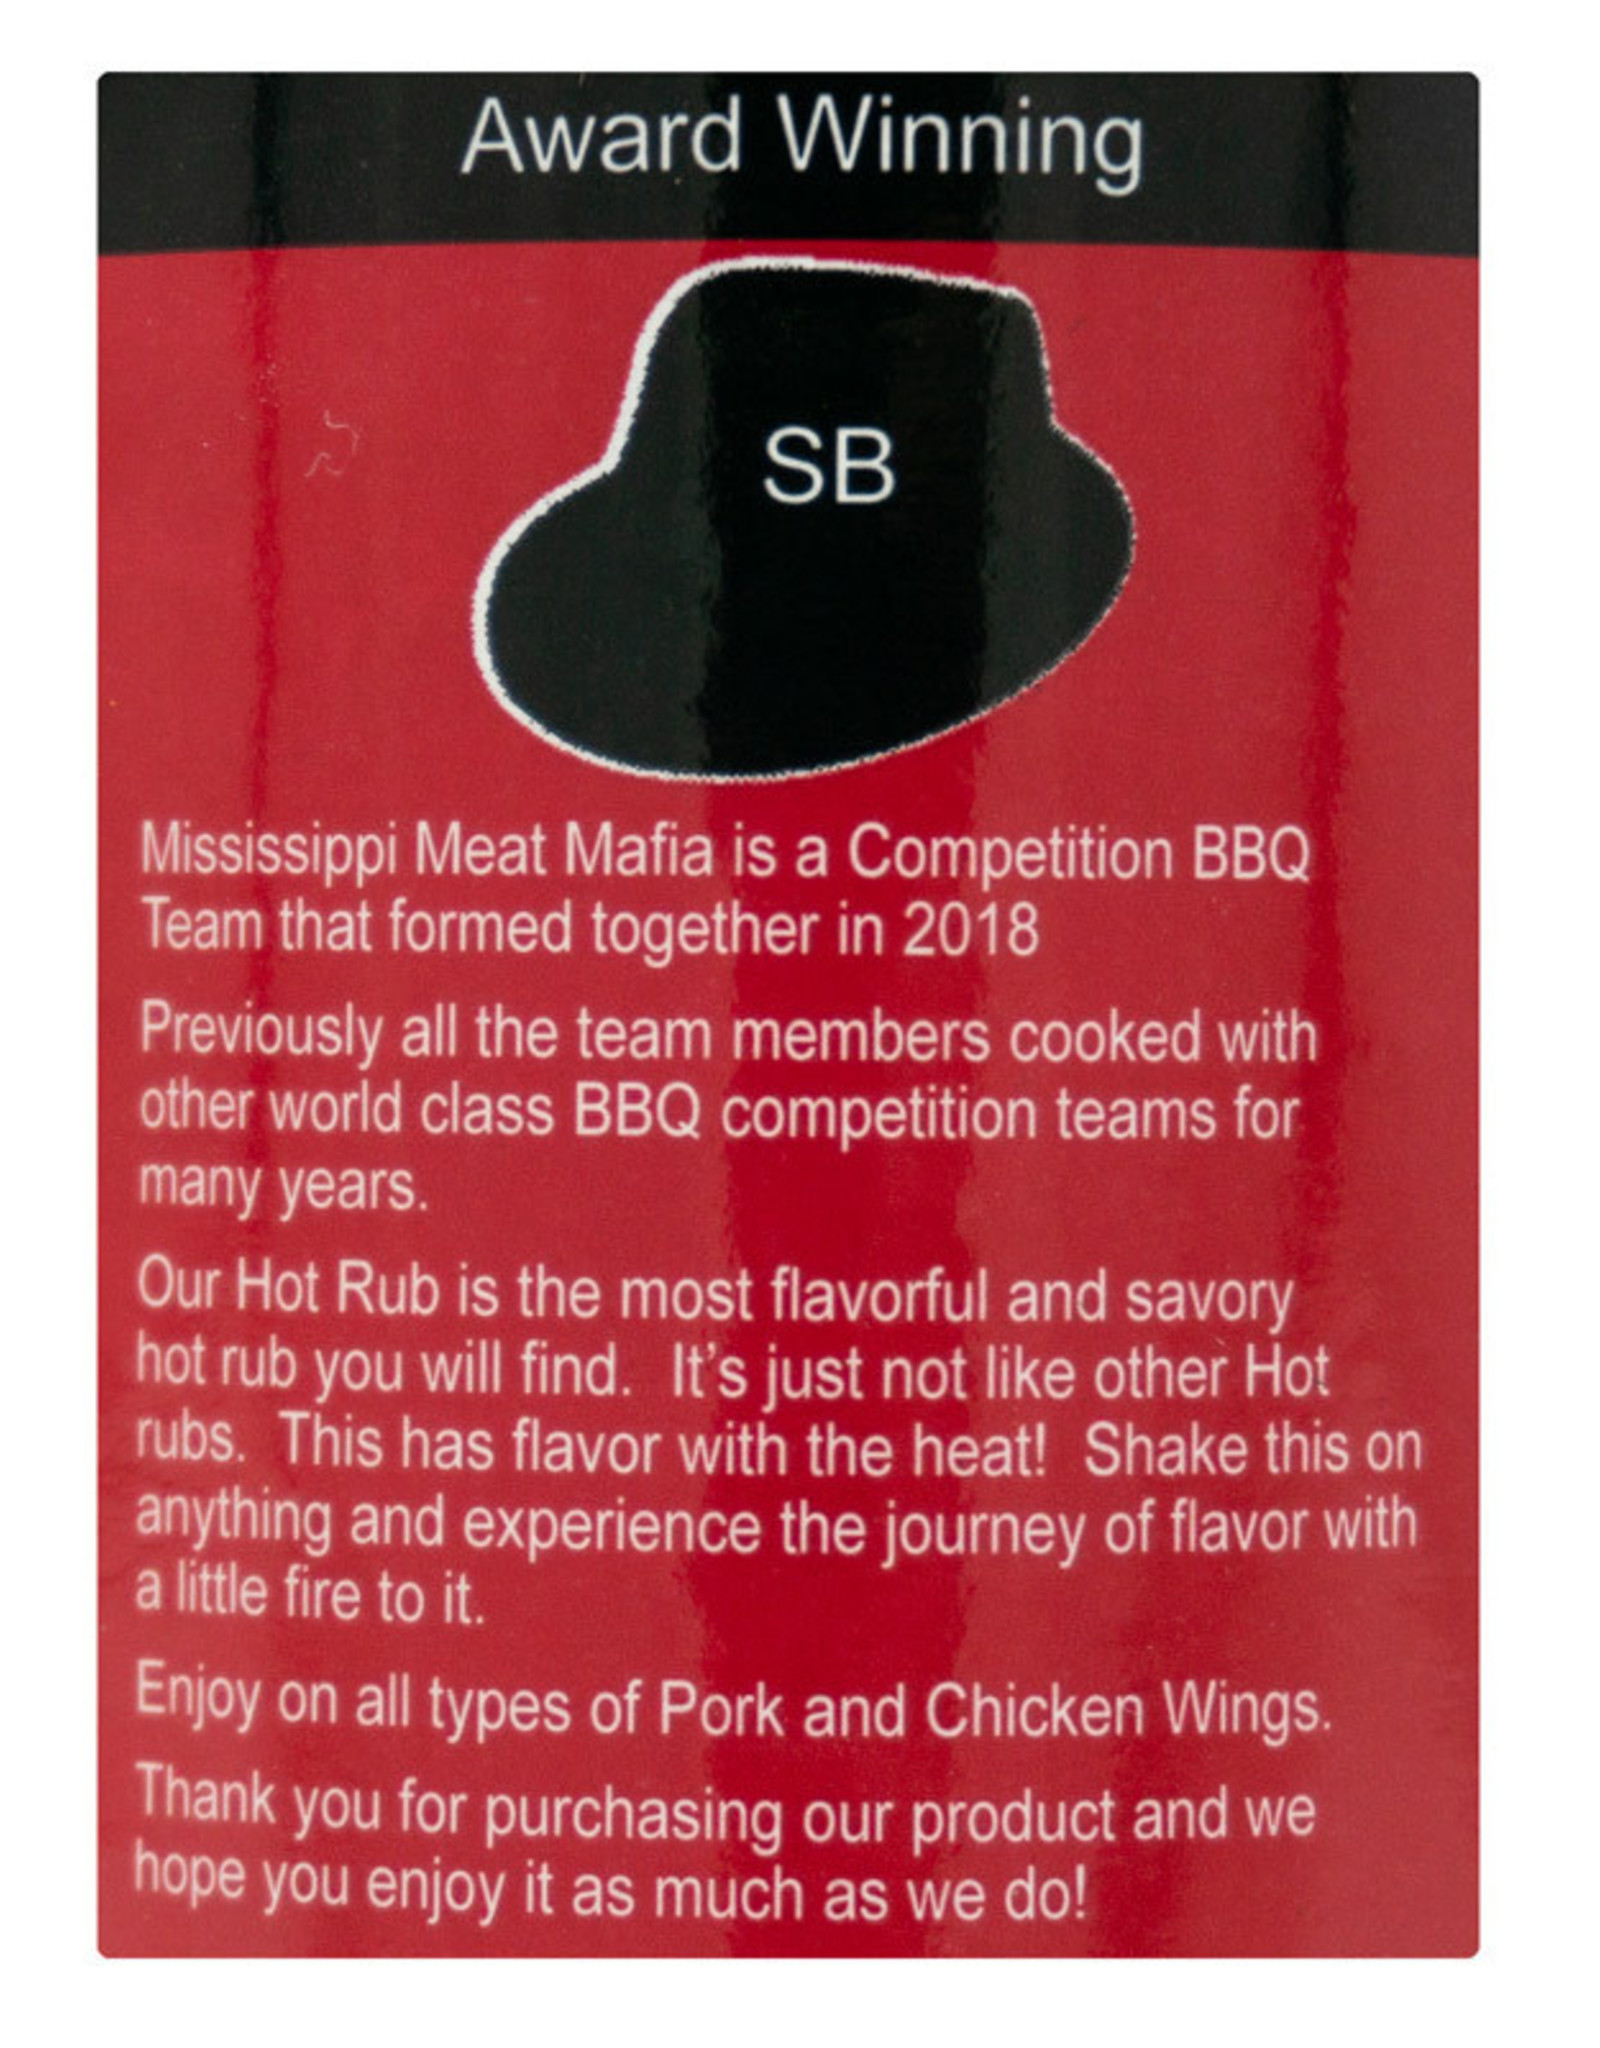 Mississippi Meat Mafia Mississippi Meat Mafia - The Heavy Hitter HOT Rub (14.9 oz.)